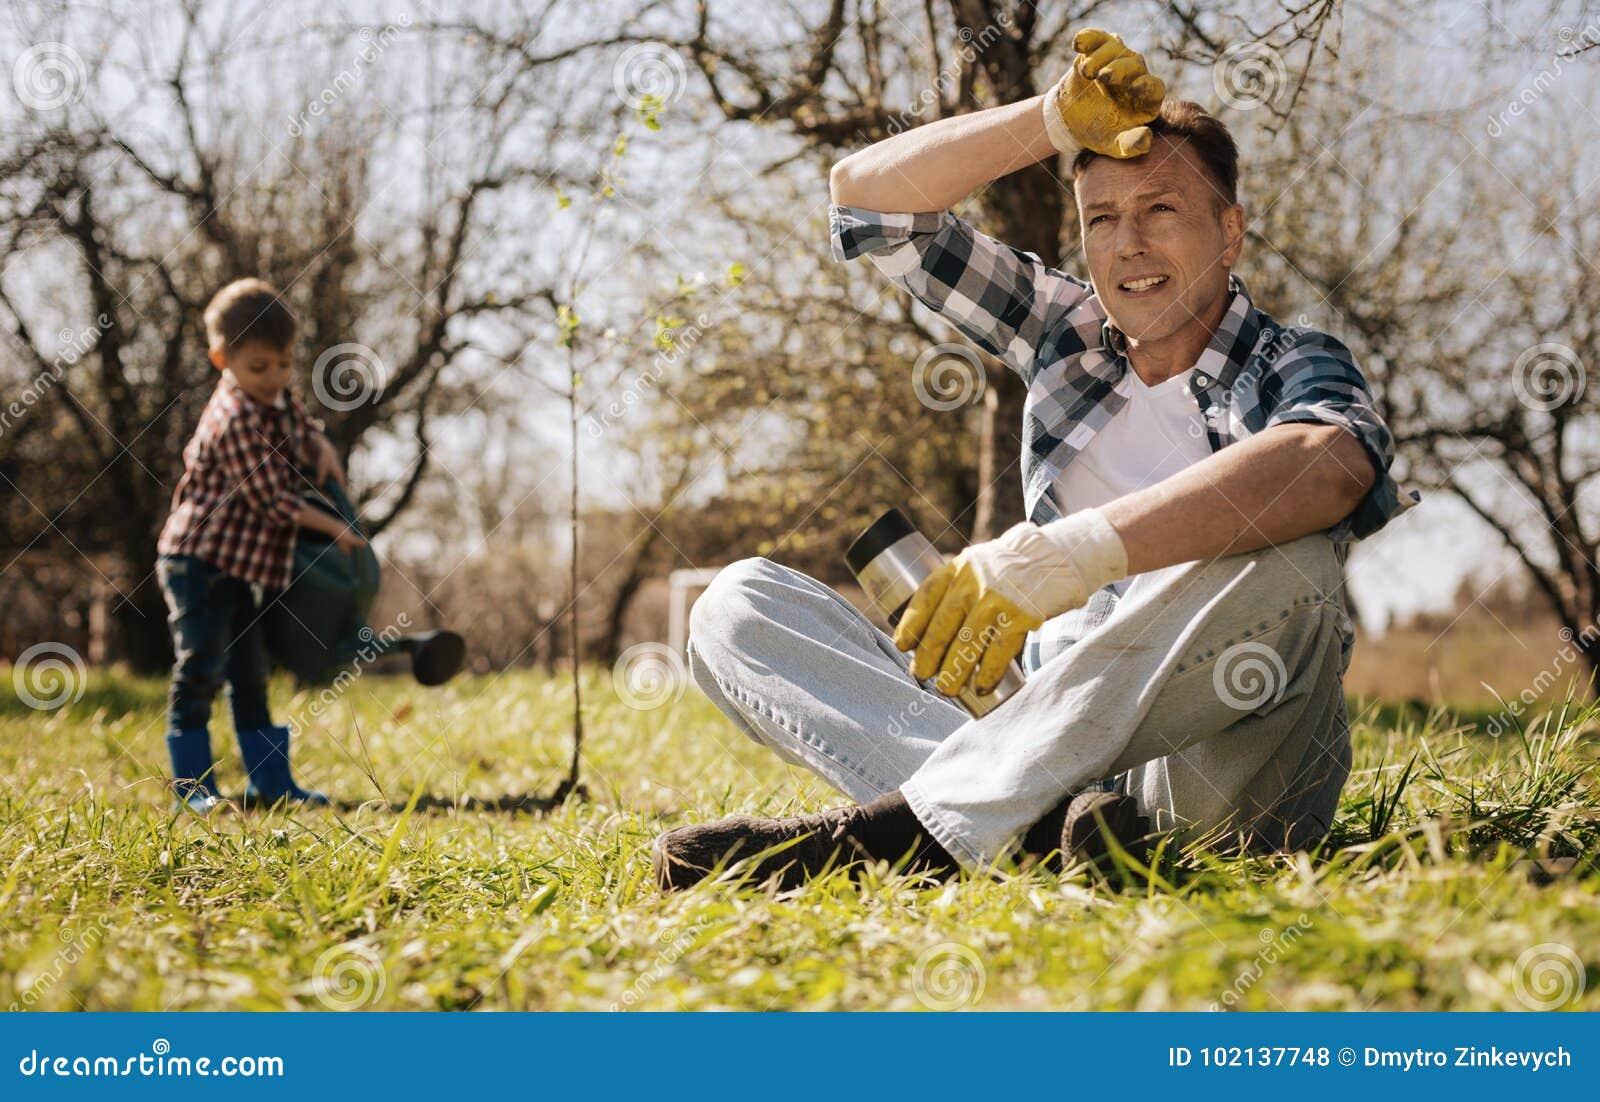 Personne masculine fatiguée tenant la thermo-tasse tout en ayant le repos sur l herbe